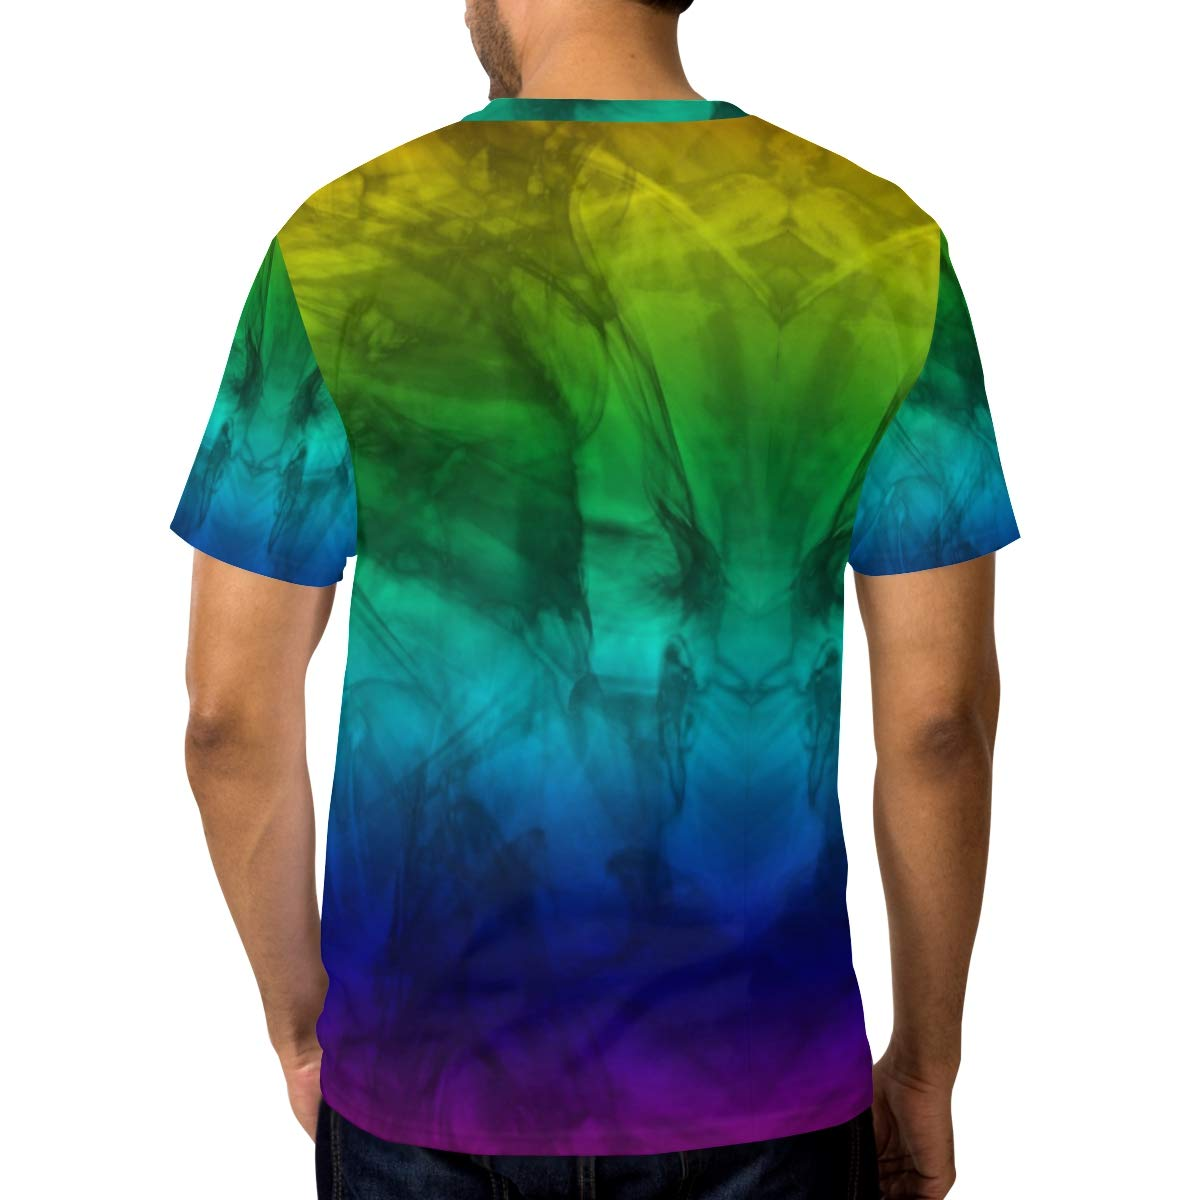 a6aa274fbe1e Jonassk Woolffk Marble Fade Color Men's Short Sleeve T-Shirt Royal Blue T-Shirt  Men's Workwear Pocket Short Sleeve T-Shirt Men's Round Neck T-Shirt ...